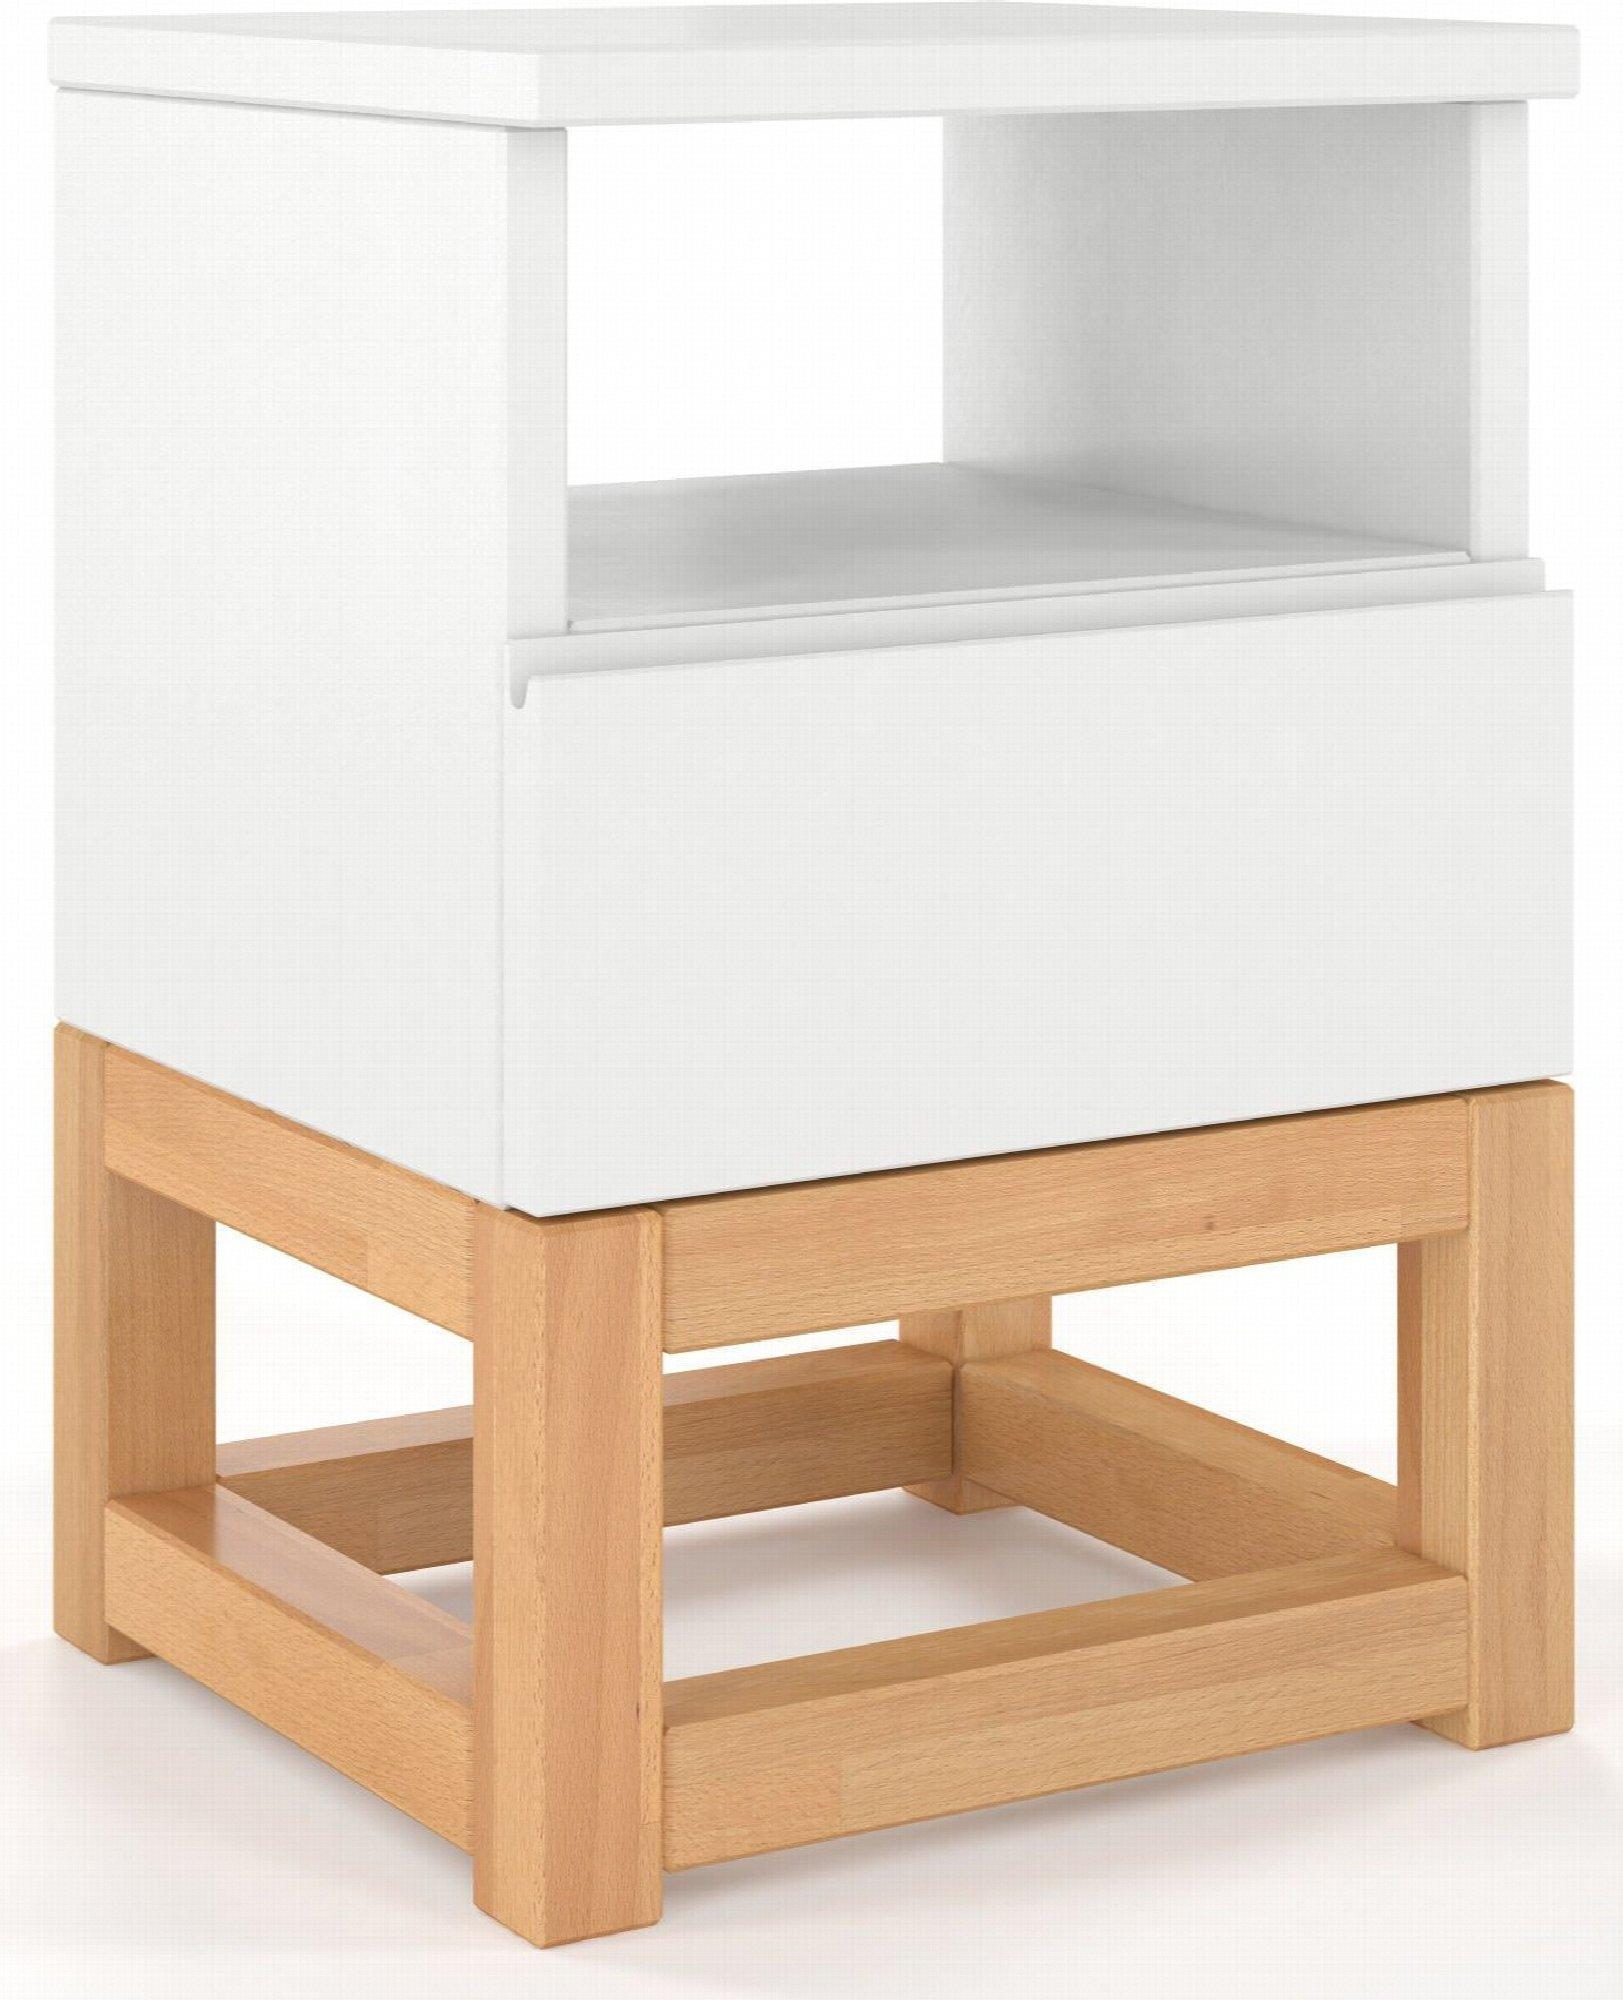 Table de chevet 1 niche 1 tiroir couleur blanc et bois clair (photo)